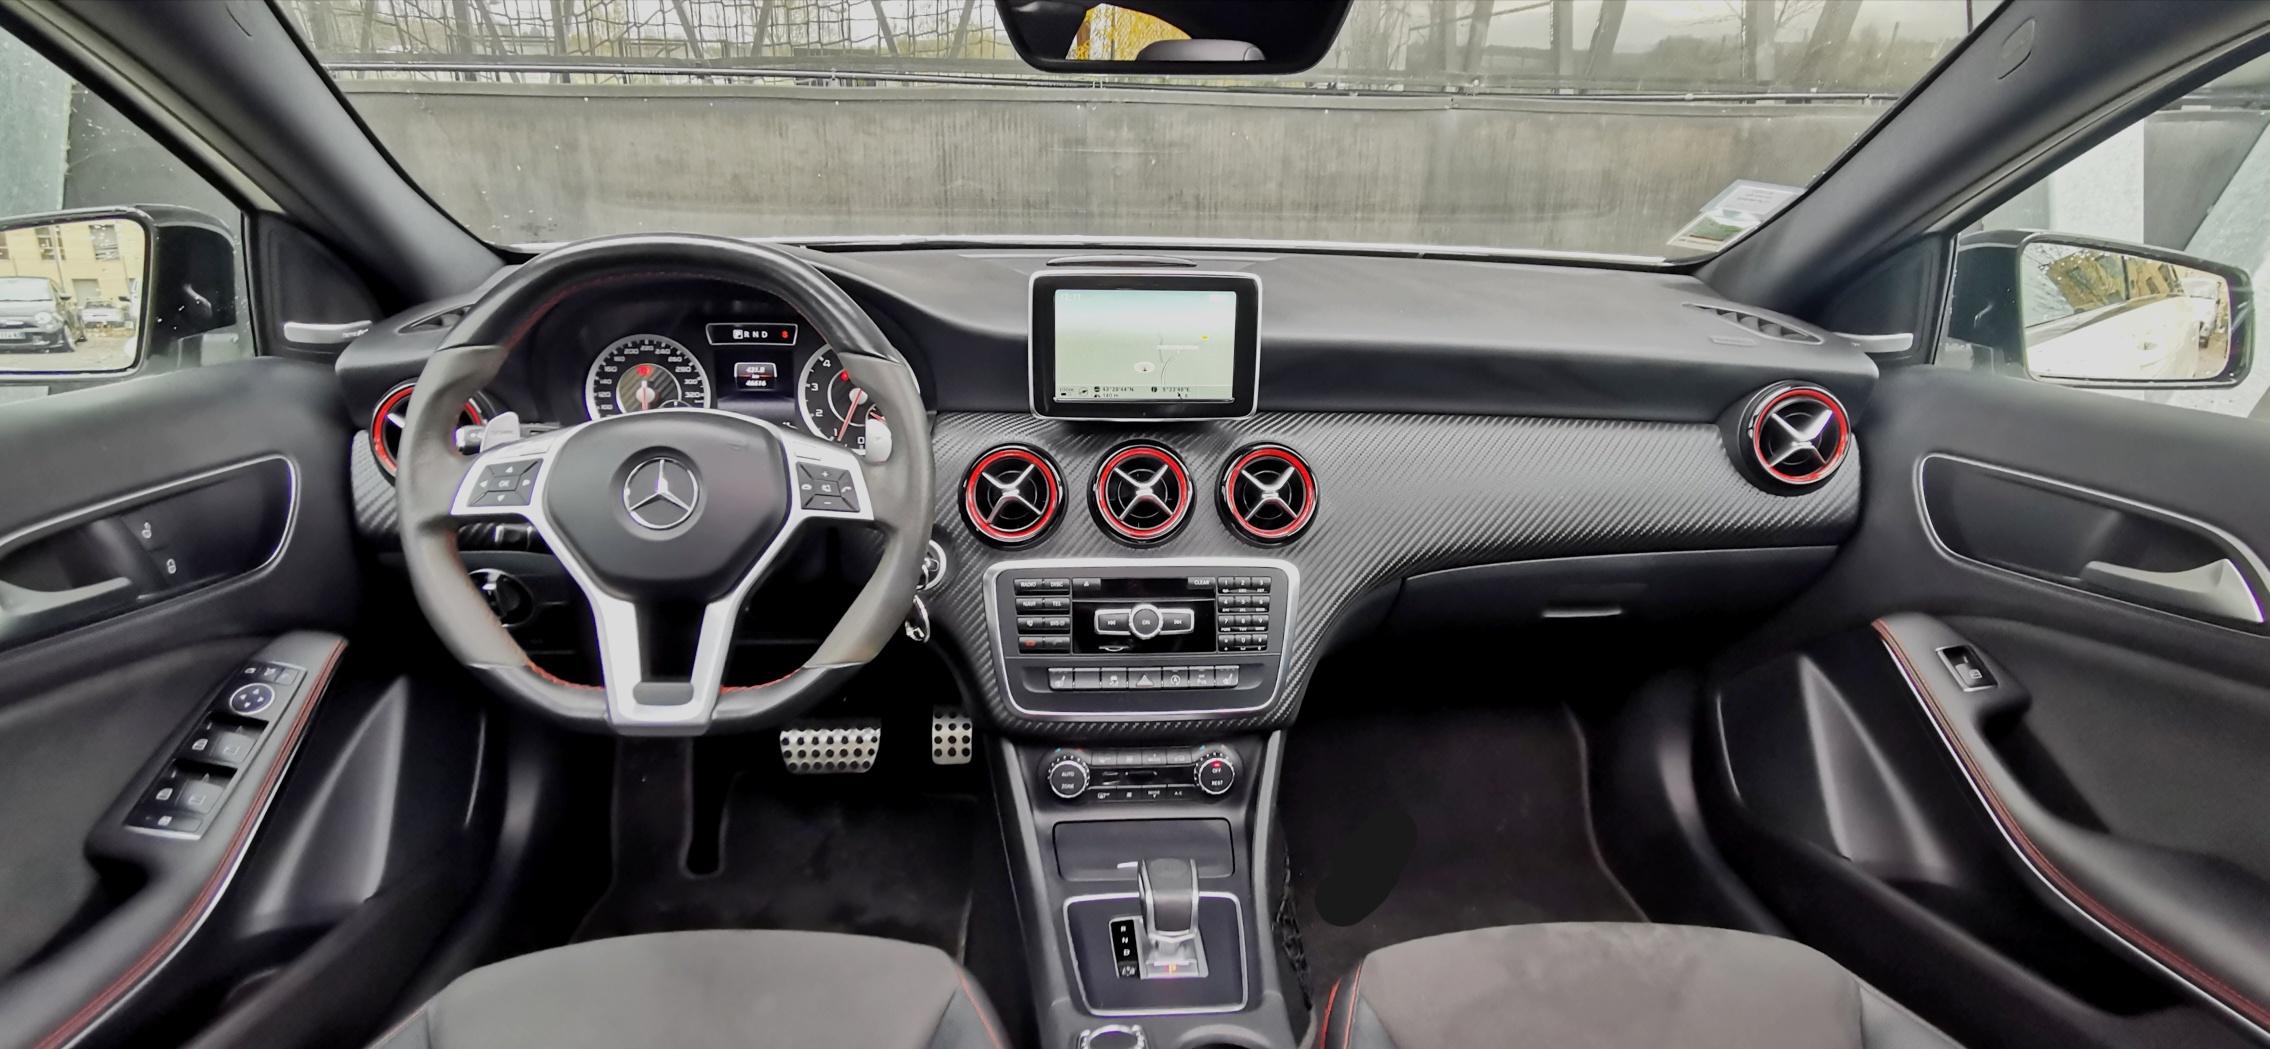 Mercedes A 45 AMG - Ellak Auto Sud